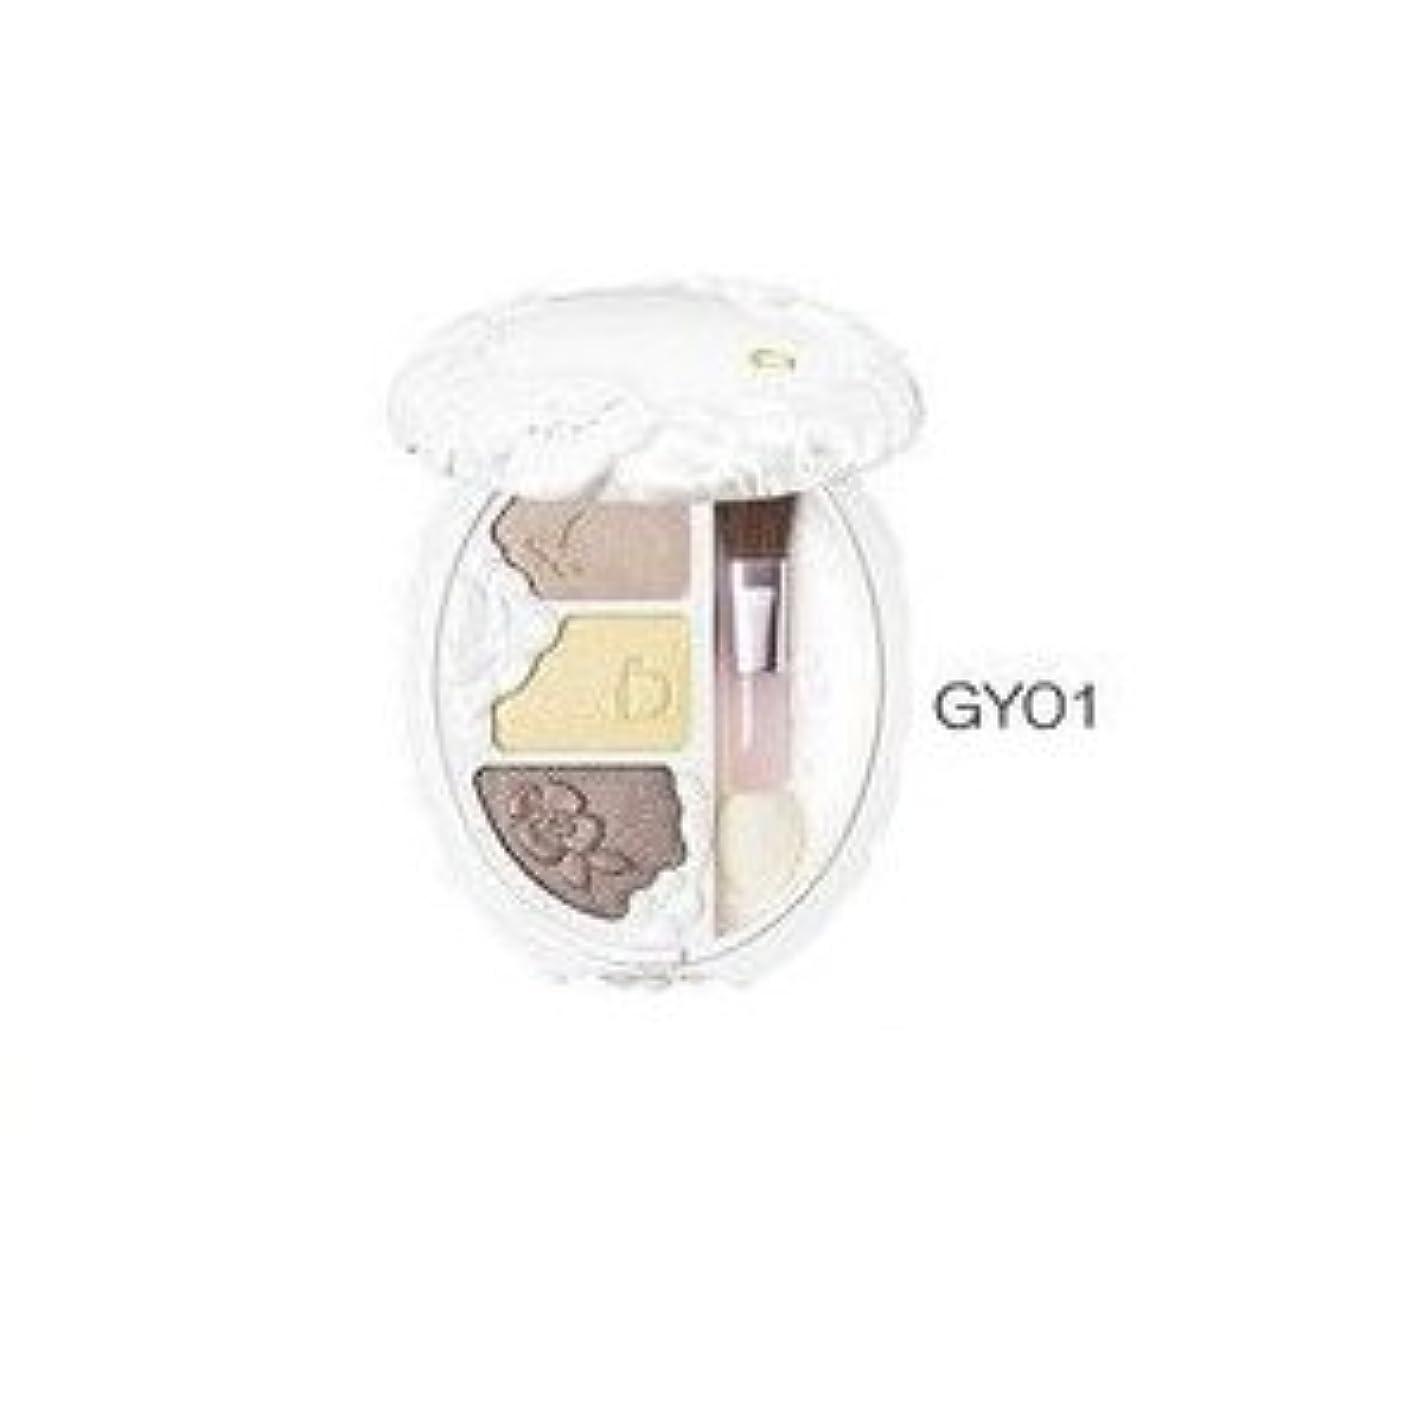 純度商標プラグ資生堂 ベネフィーク セオティ アイカラーパレット オーロラパール GY01 4g